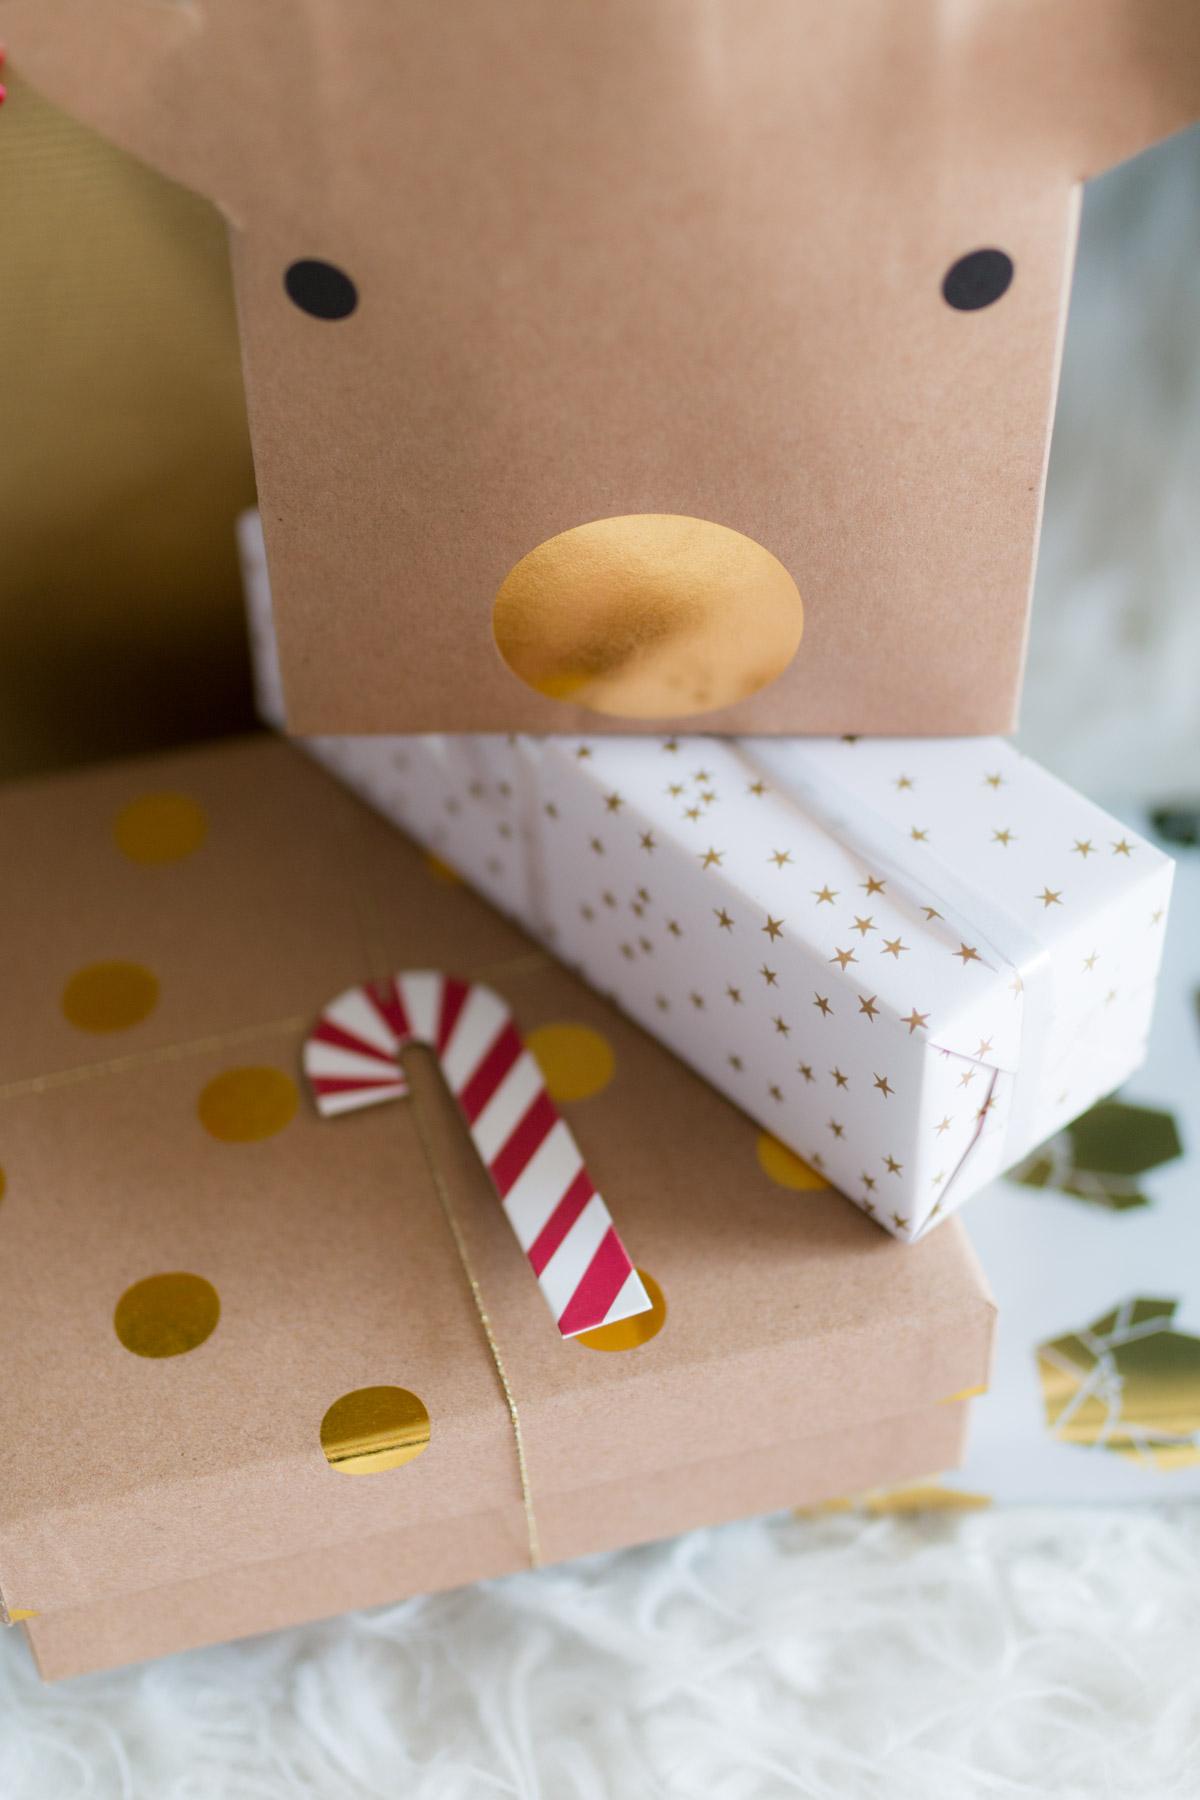 cadeaux de Noel I Sp4nkblog-2